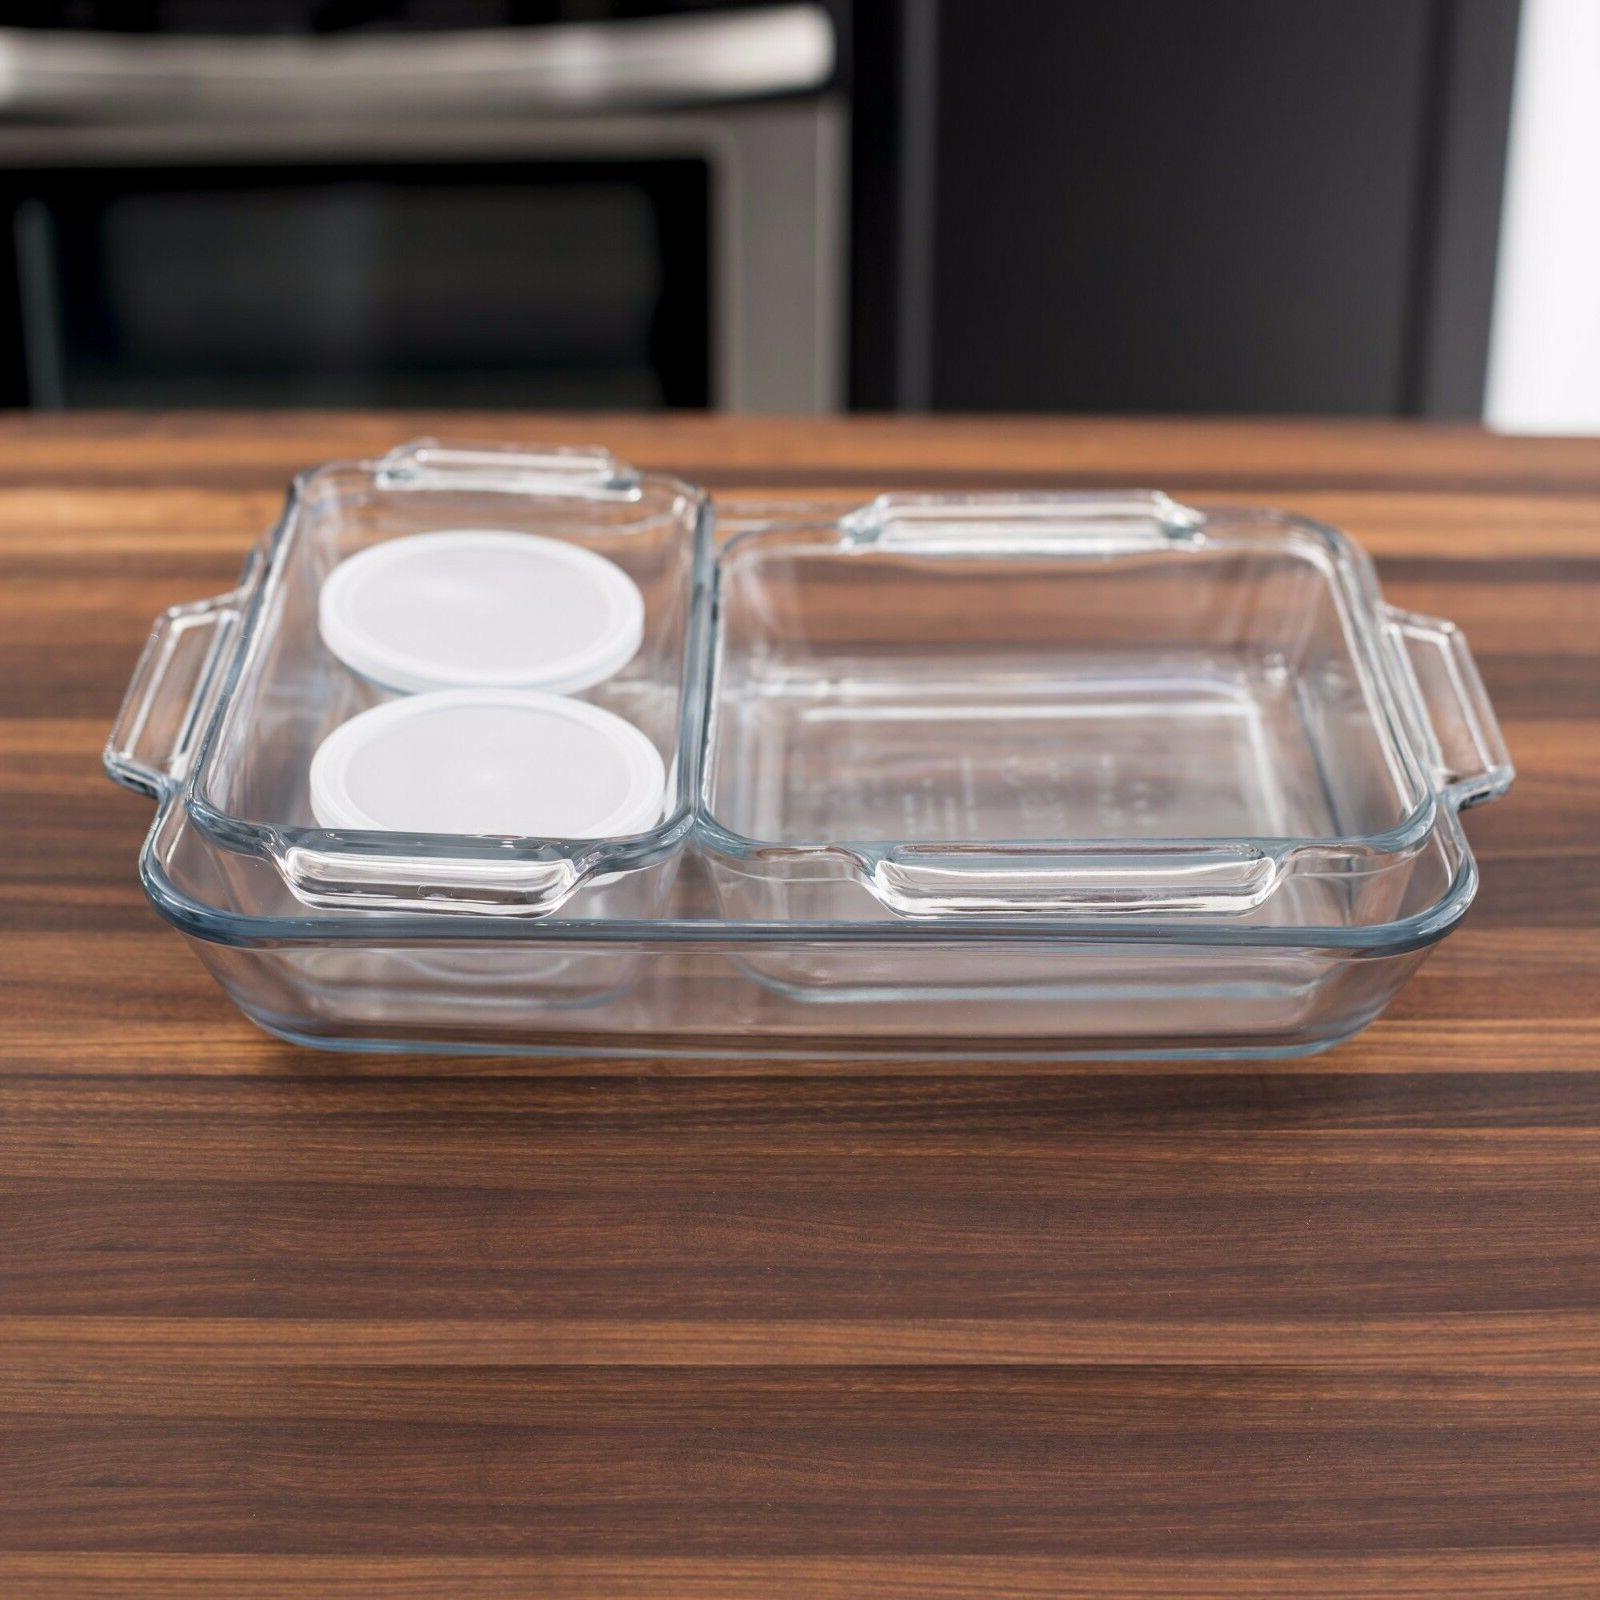 Bakeware Pans 7-Piece Loaf Safe